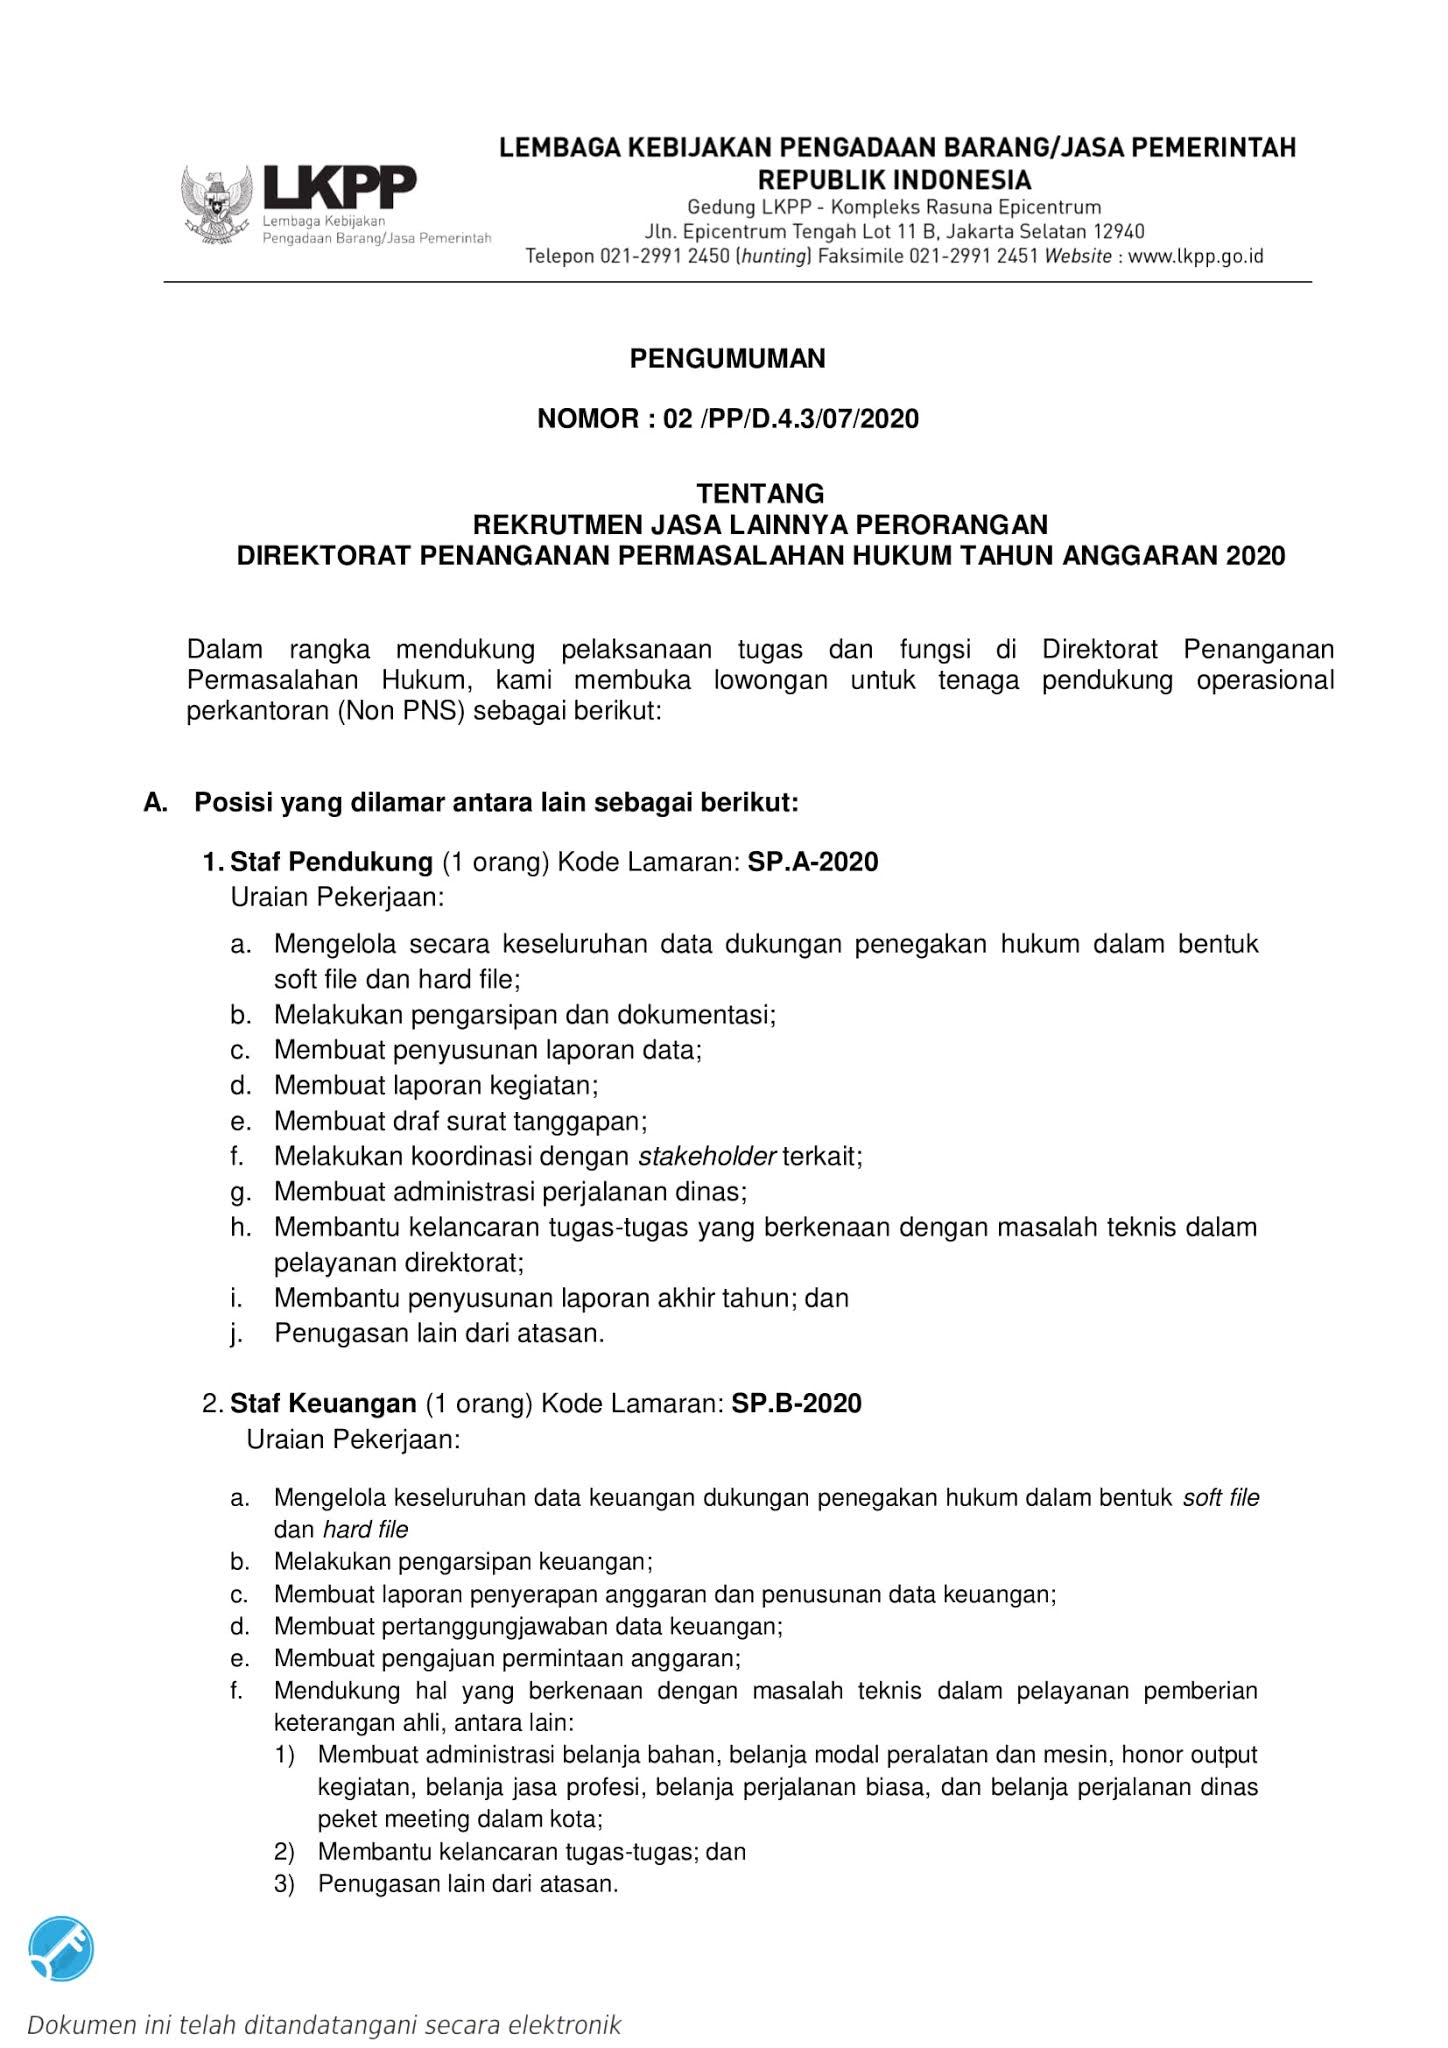 Lowongan Kerja Pegawai Non Pns Direktorat Penanganan Permasalahan Hukum Lkpp Agustus 2020 Rekrutmen Lowongan Kerja Bulan Februari 2021